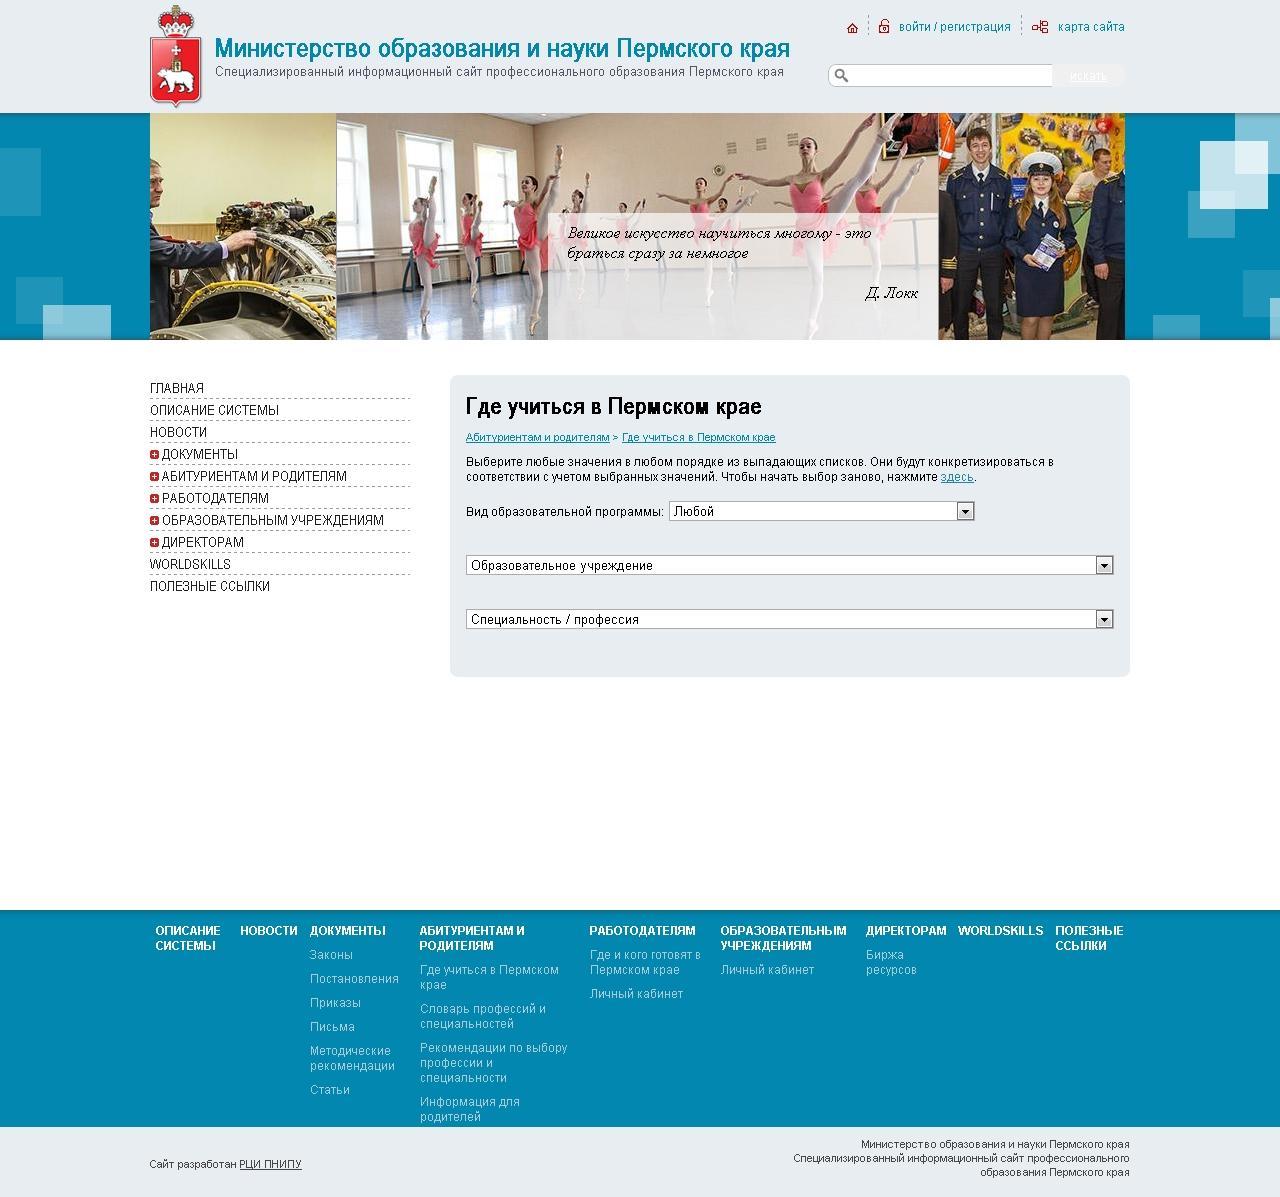 Специализированный информационный сайт профессионального образования Пермского края